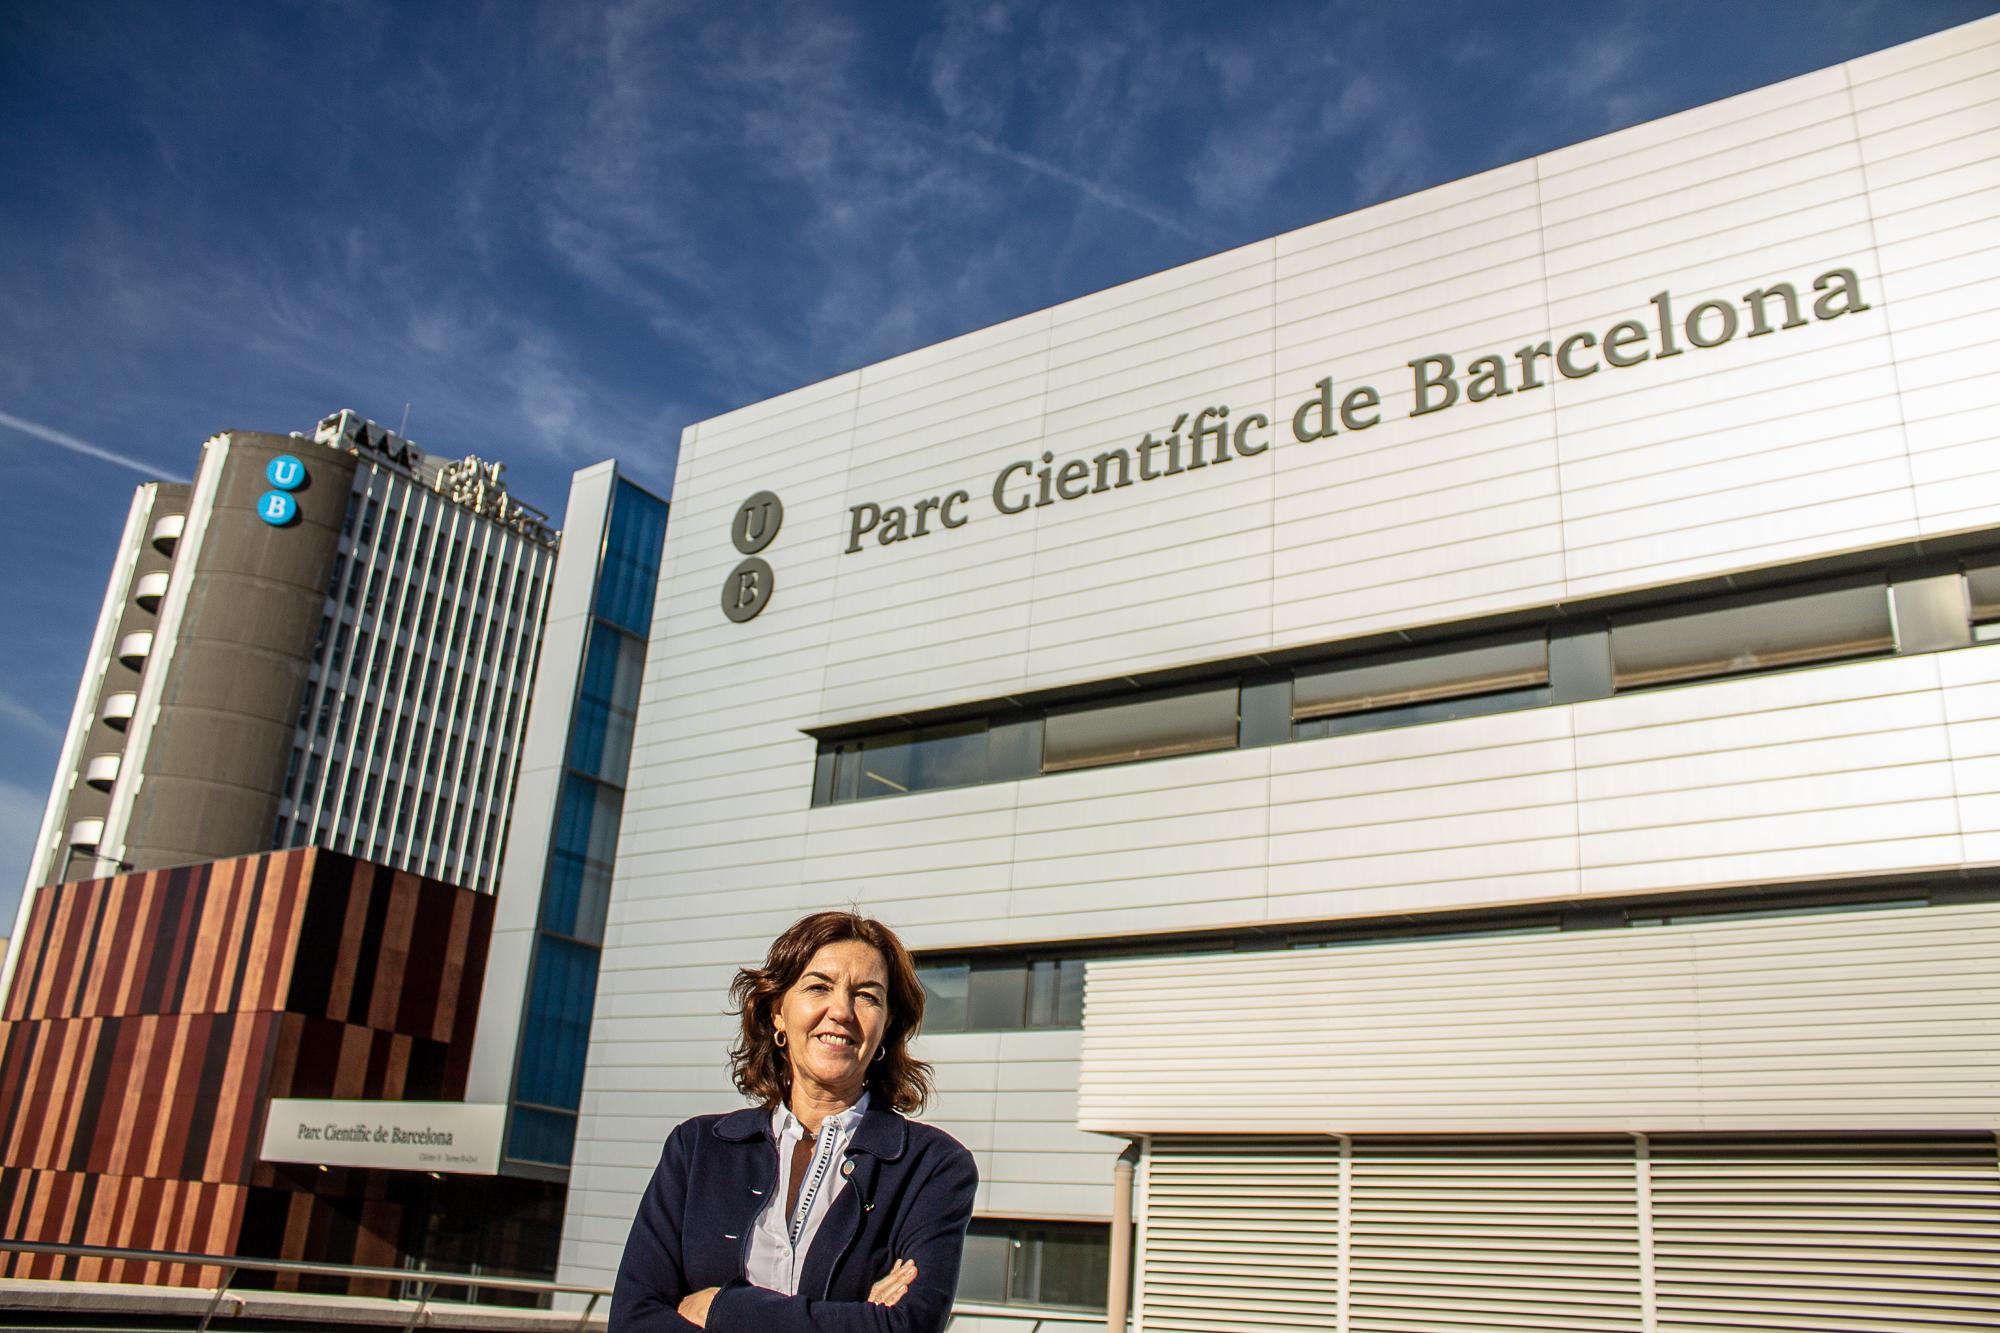 Resultado de imagen de parc científic de barcelona